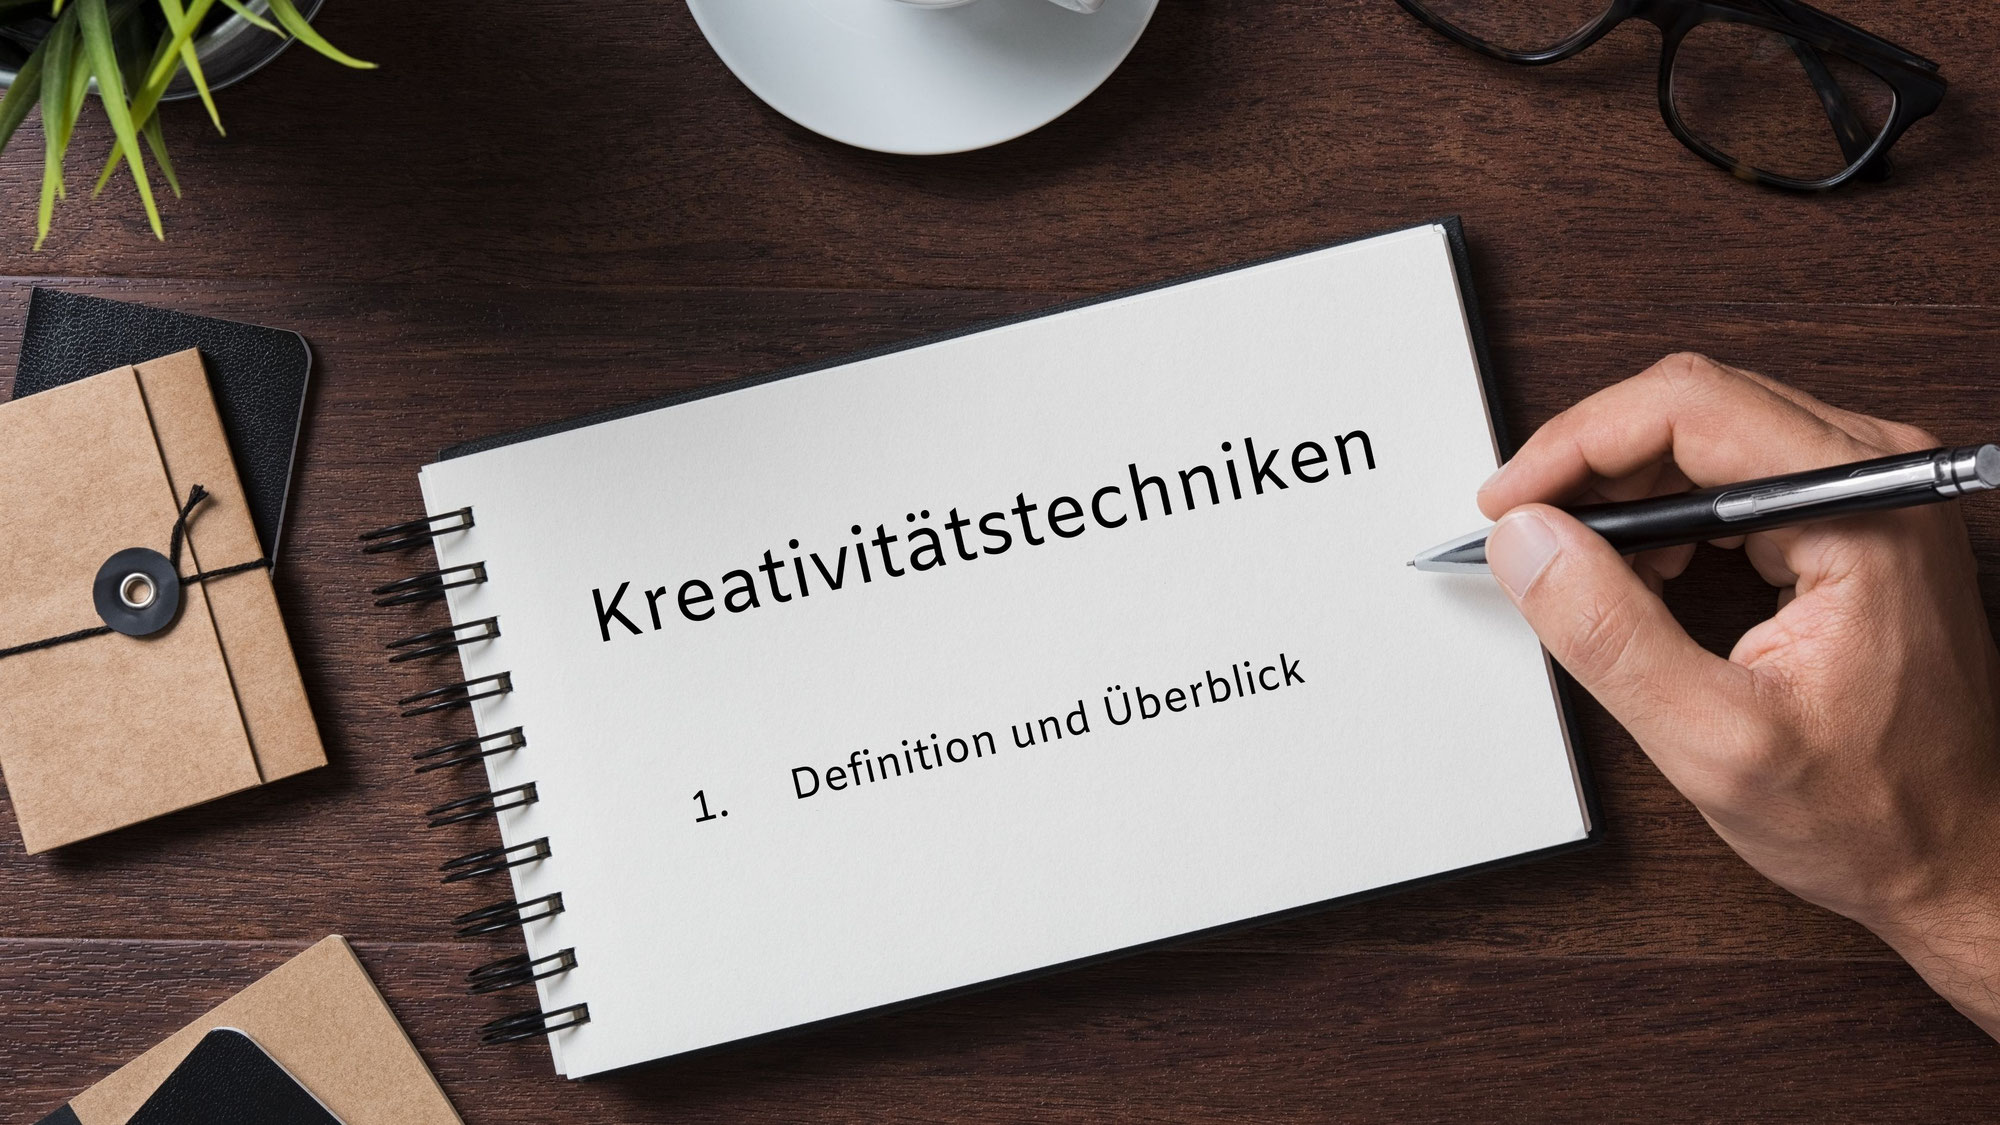 Kreativitätstechniken: 1. Definition und Überblick